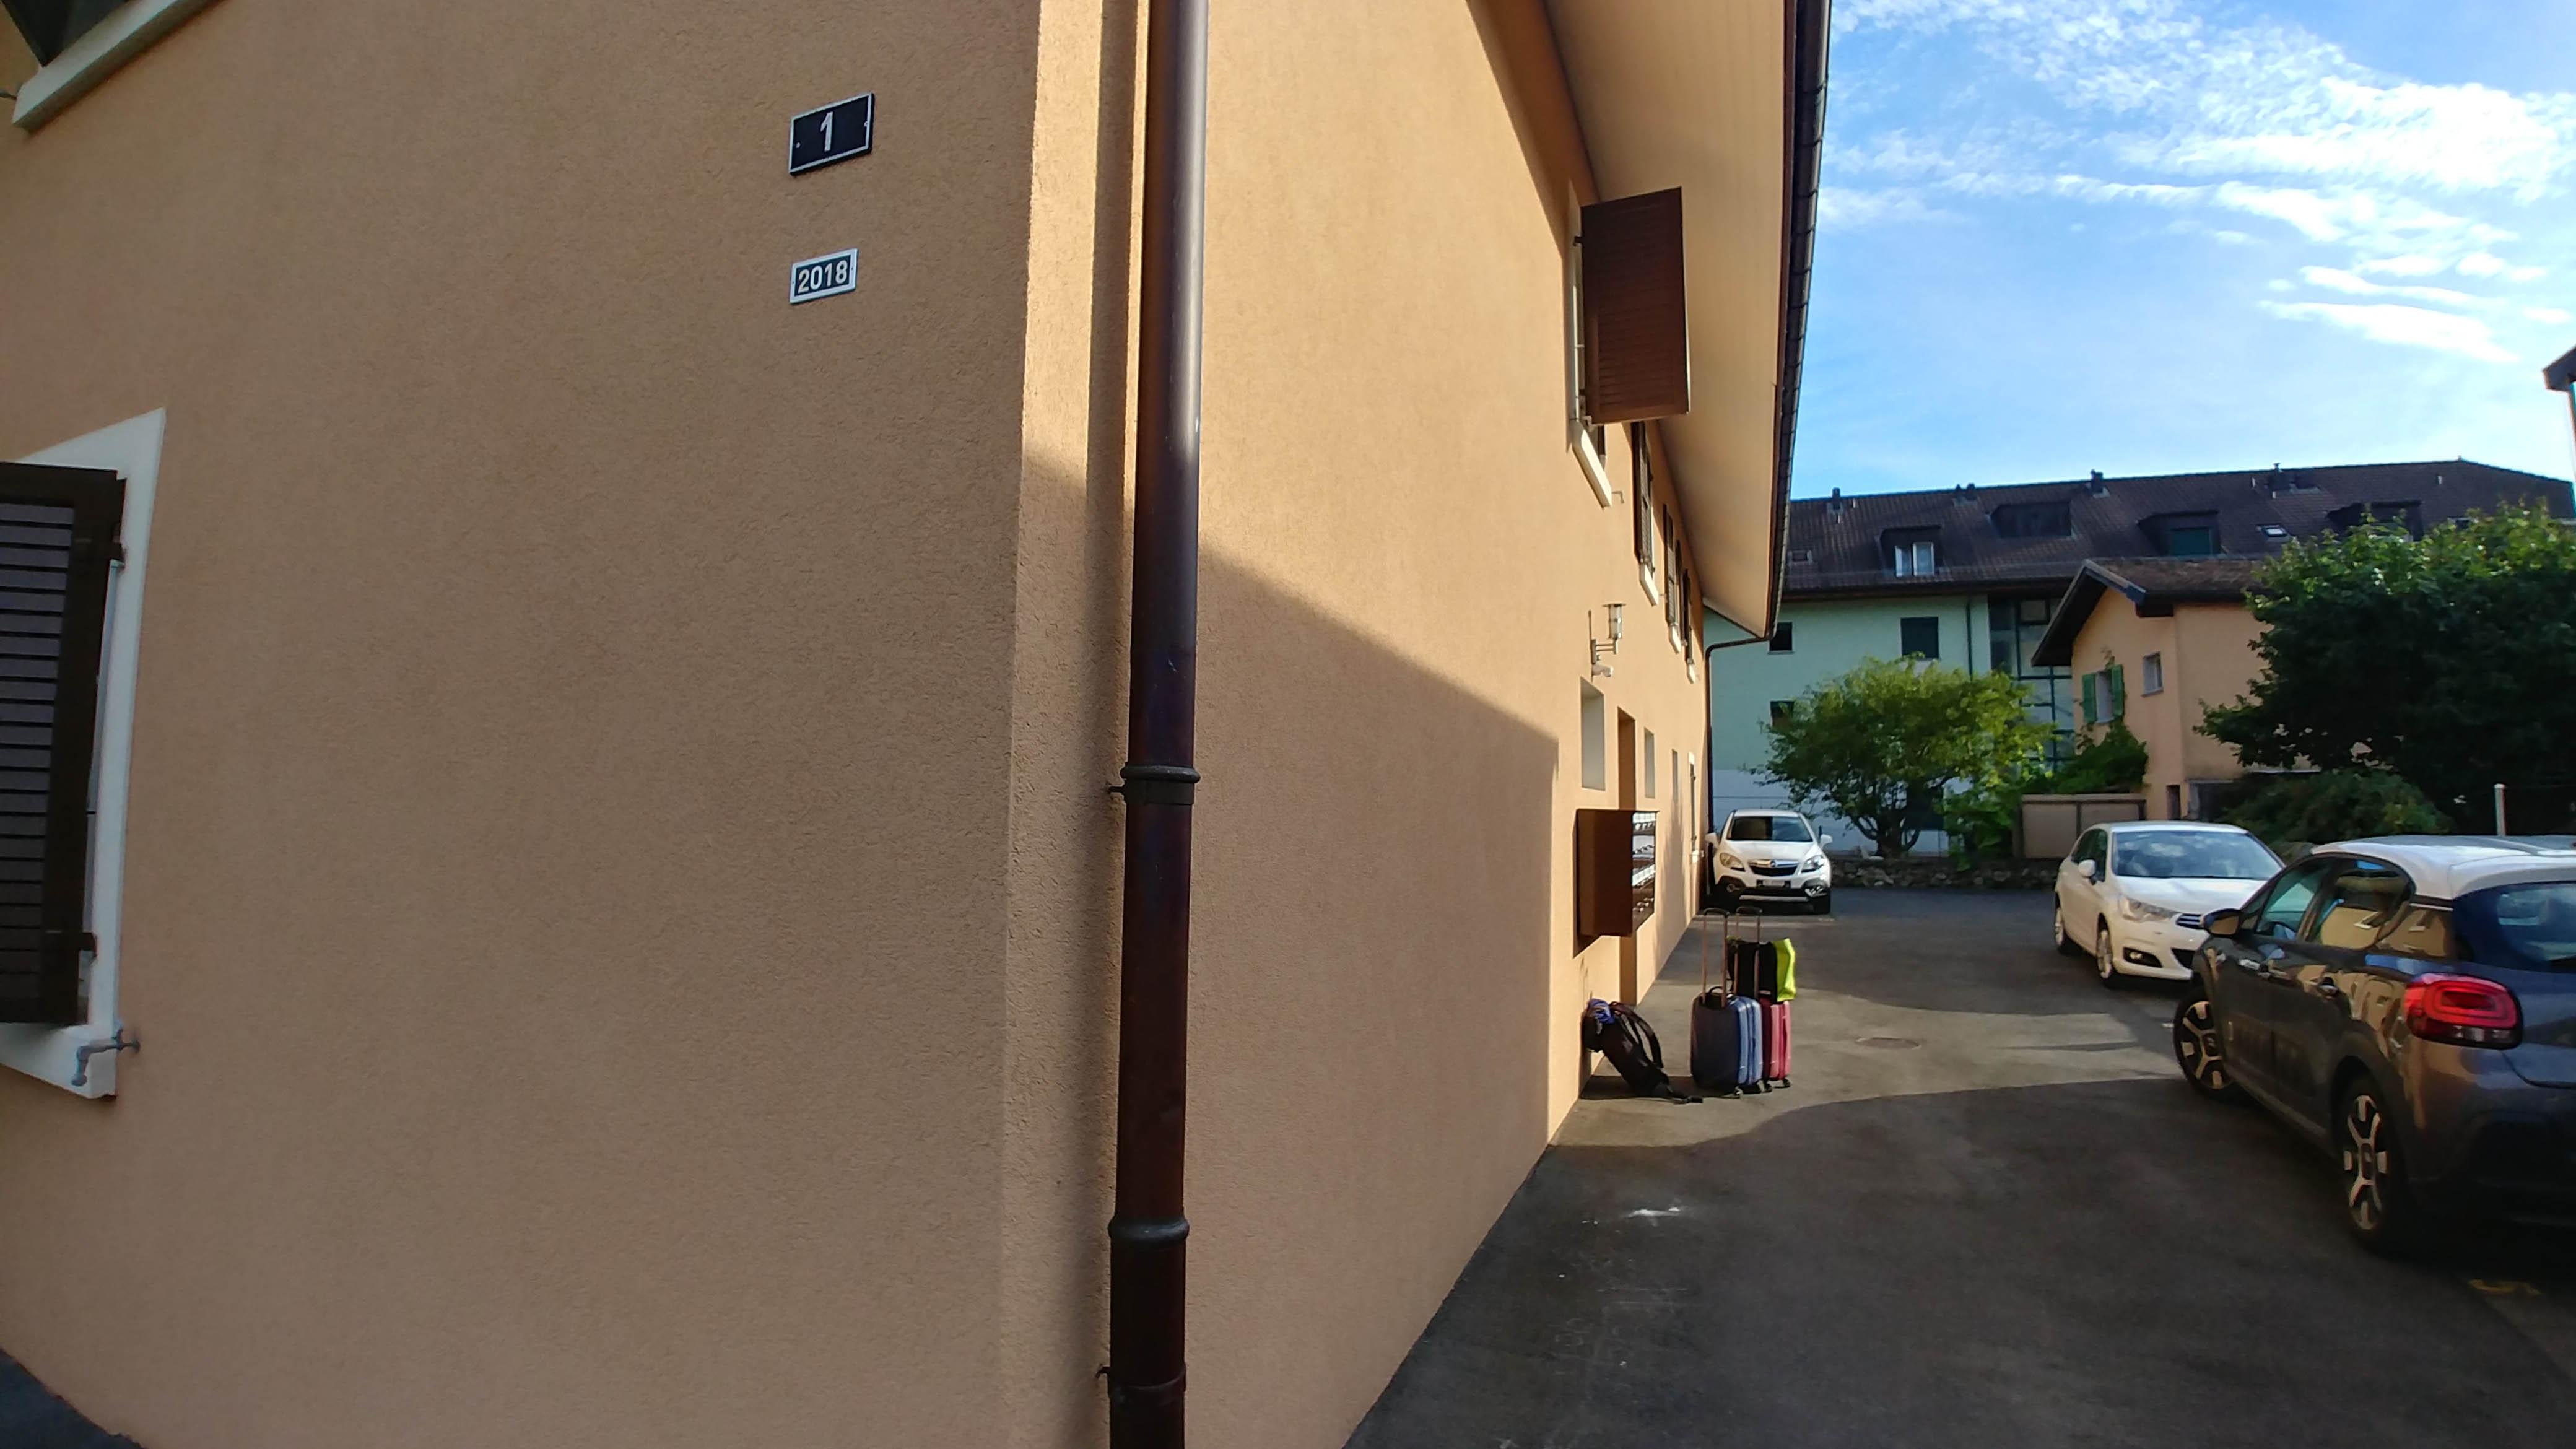 Sophie's apartment block